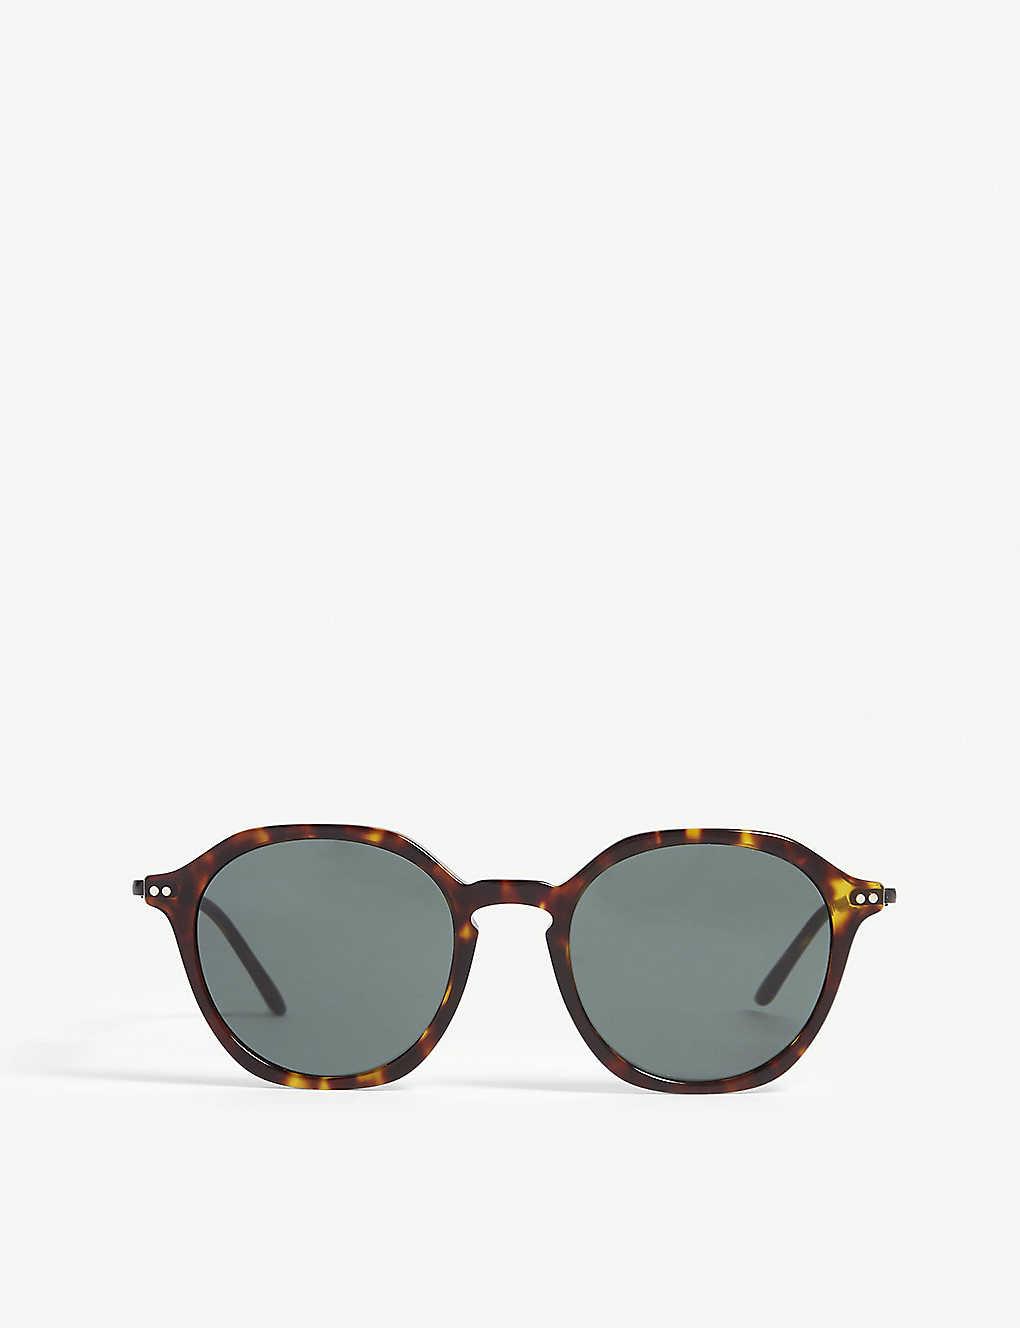 18c0490b8ede GIORGIO ARMANI - Havana Ar8109 phantos-frame sunglasses | Selfridges.com